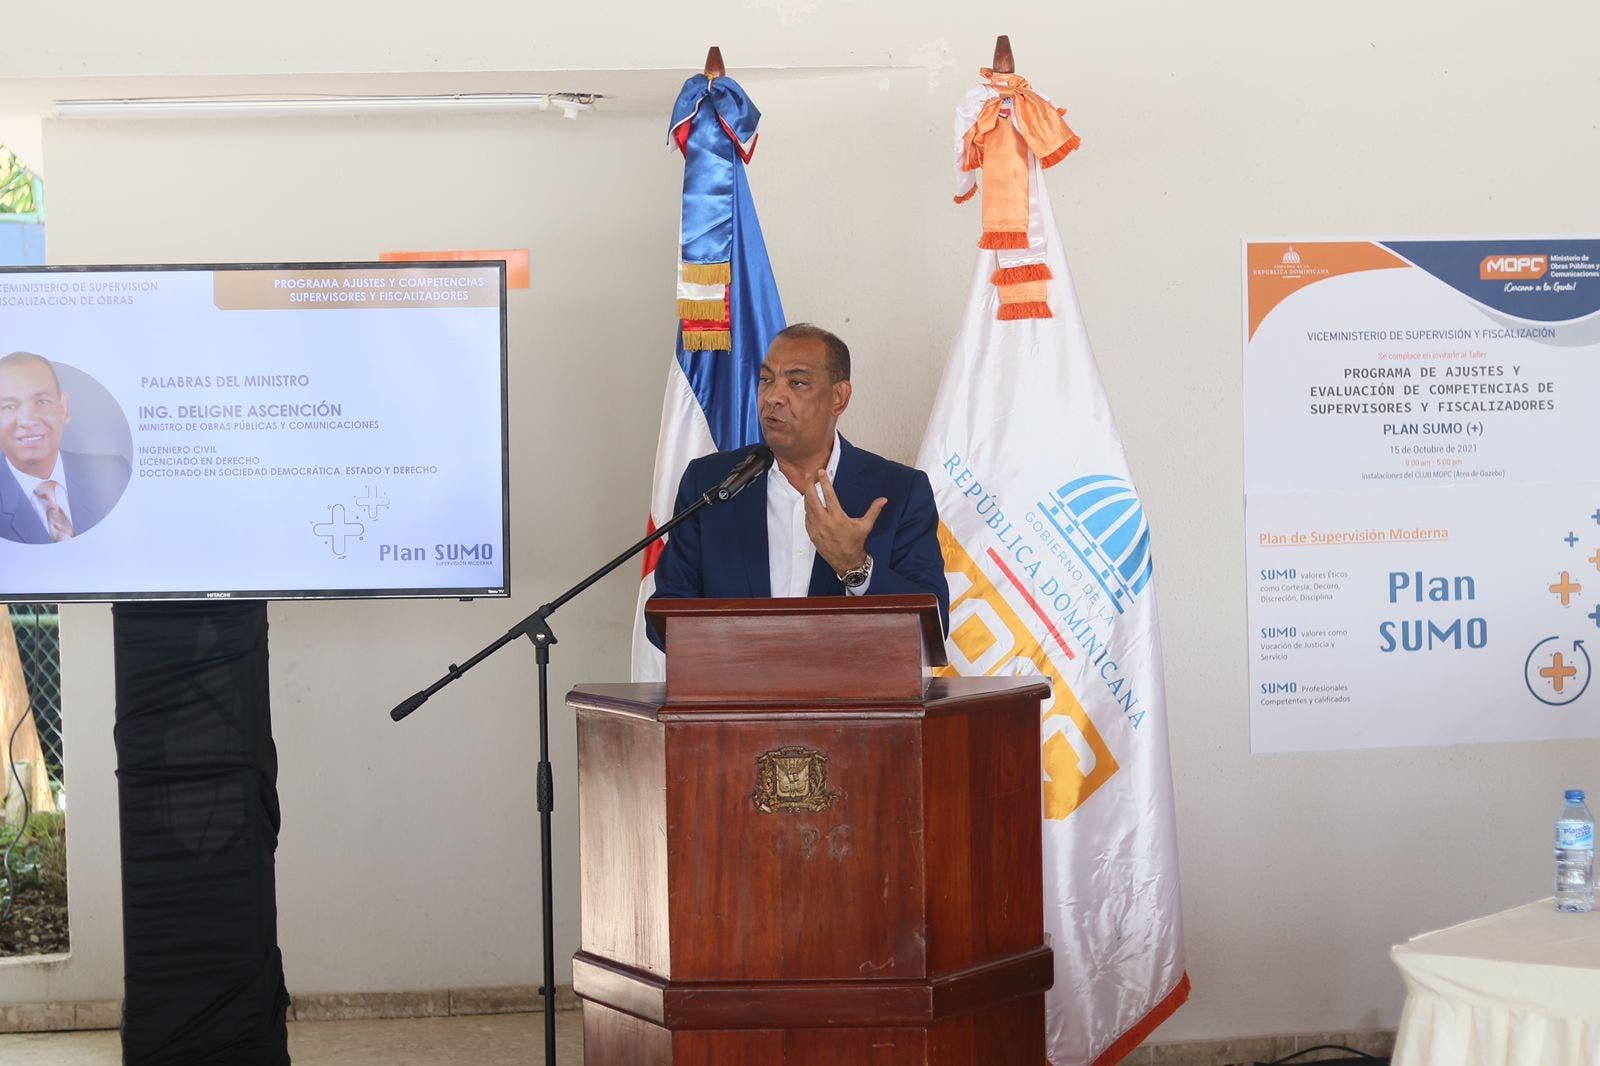 MOPC presenta Plan Sumo supervisión moderna